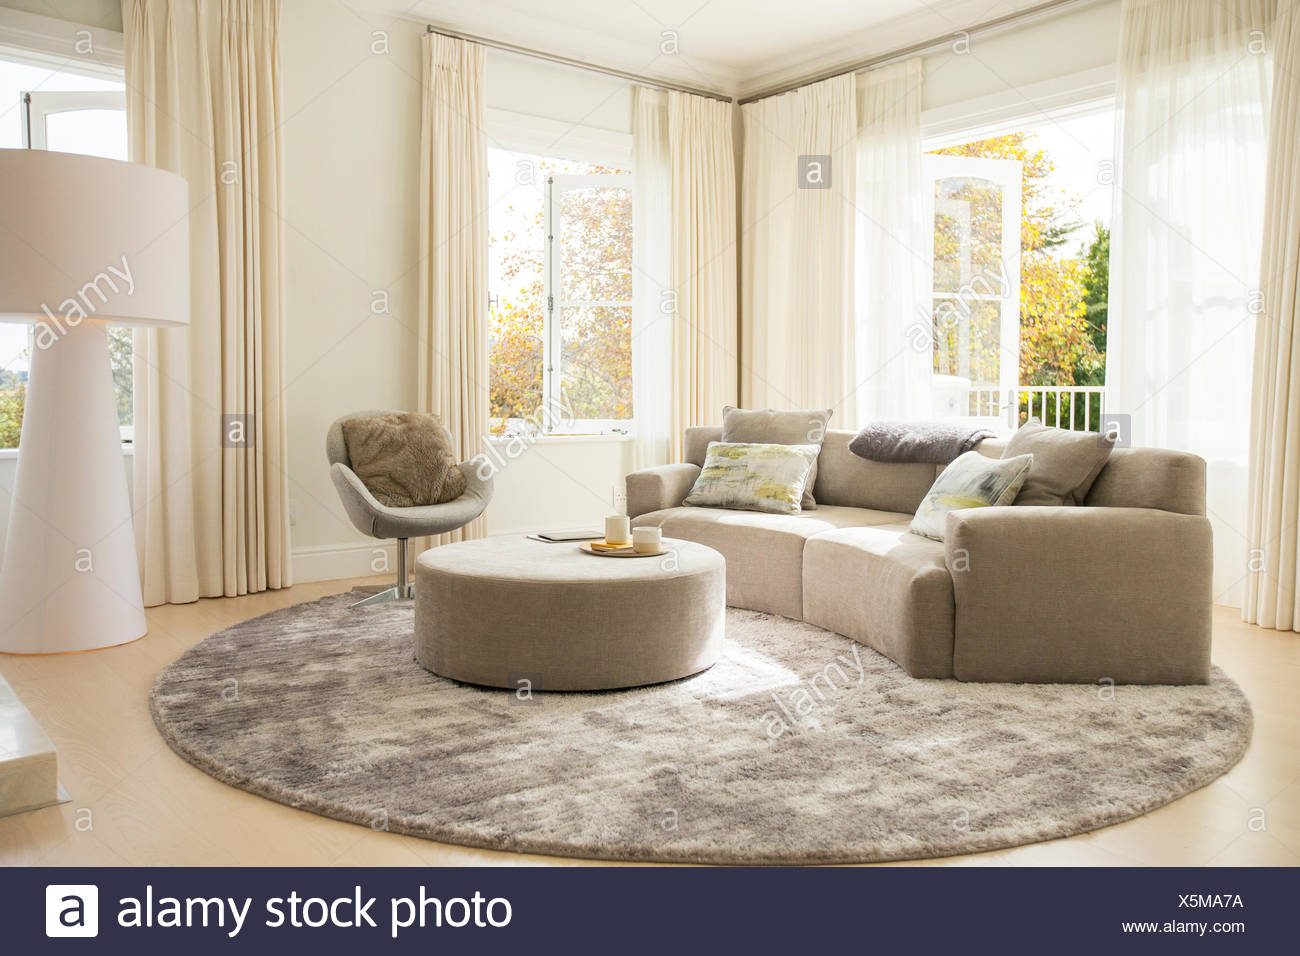 Runder Teppich unter Sofa und Ottomane im Wohnzimmer Stockfoto, Bild ...